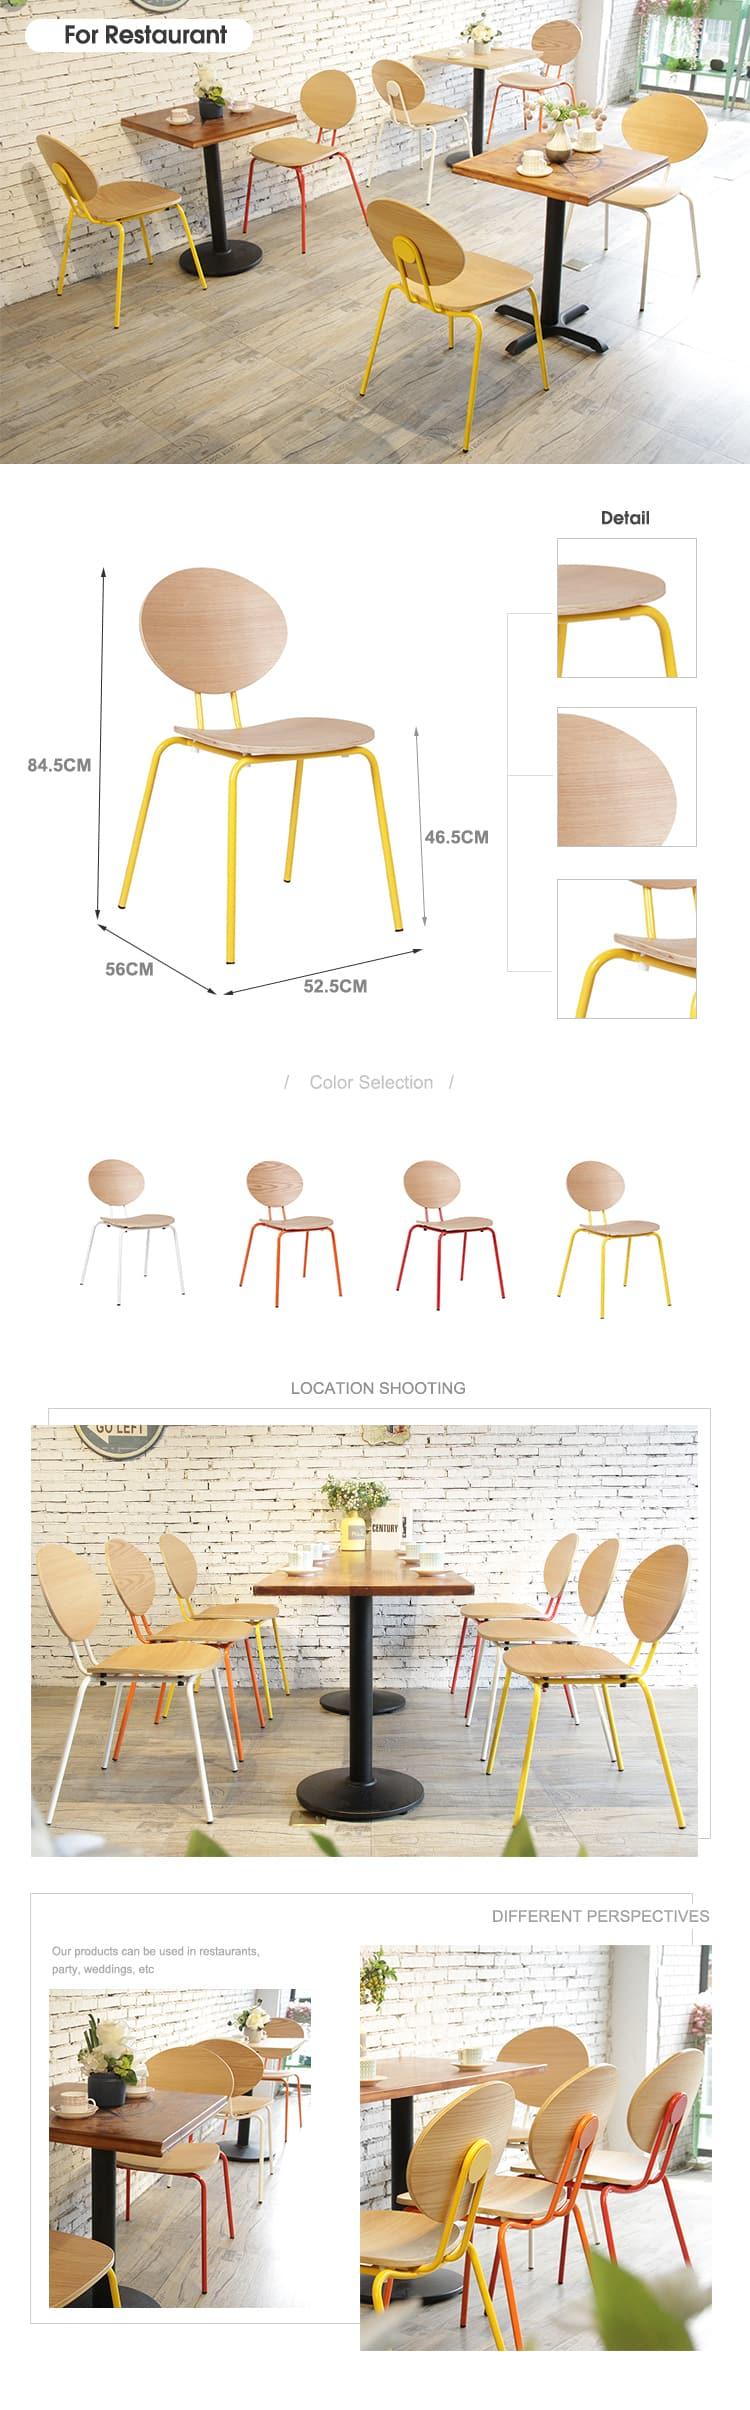 Sedia da pranzo per ristorante in legno con struttura in metallo minimalista antico colorato 798 (M) -H45 (79) -STW